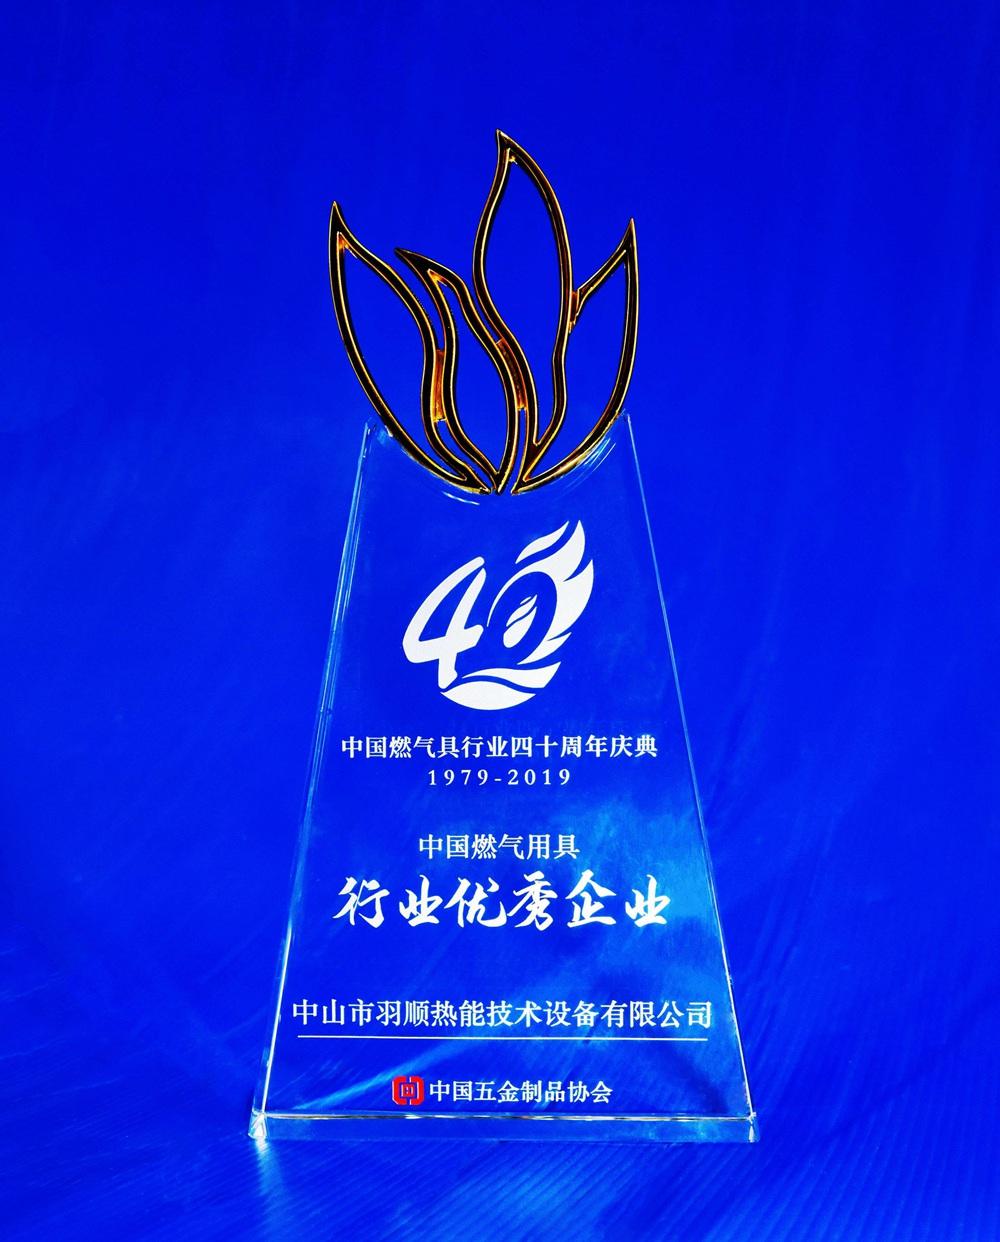 中国燃气用具行业 优秀企业